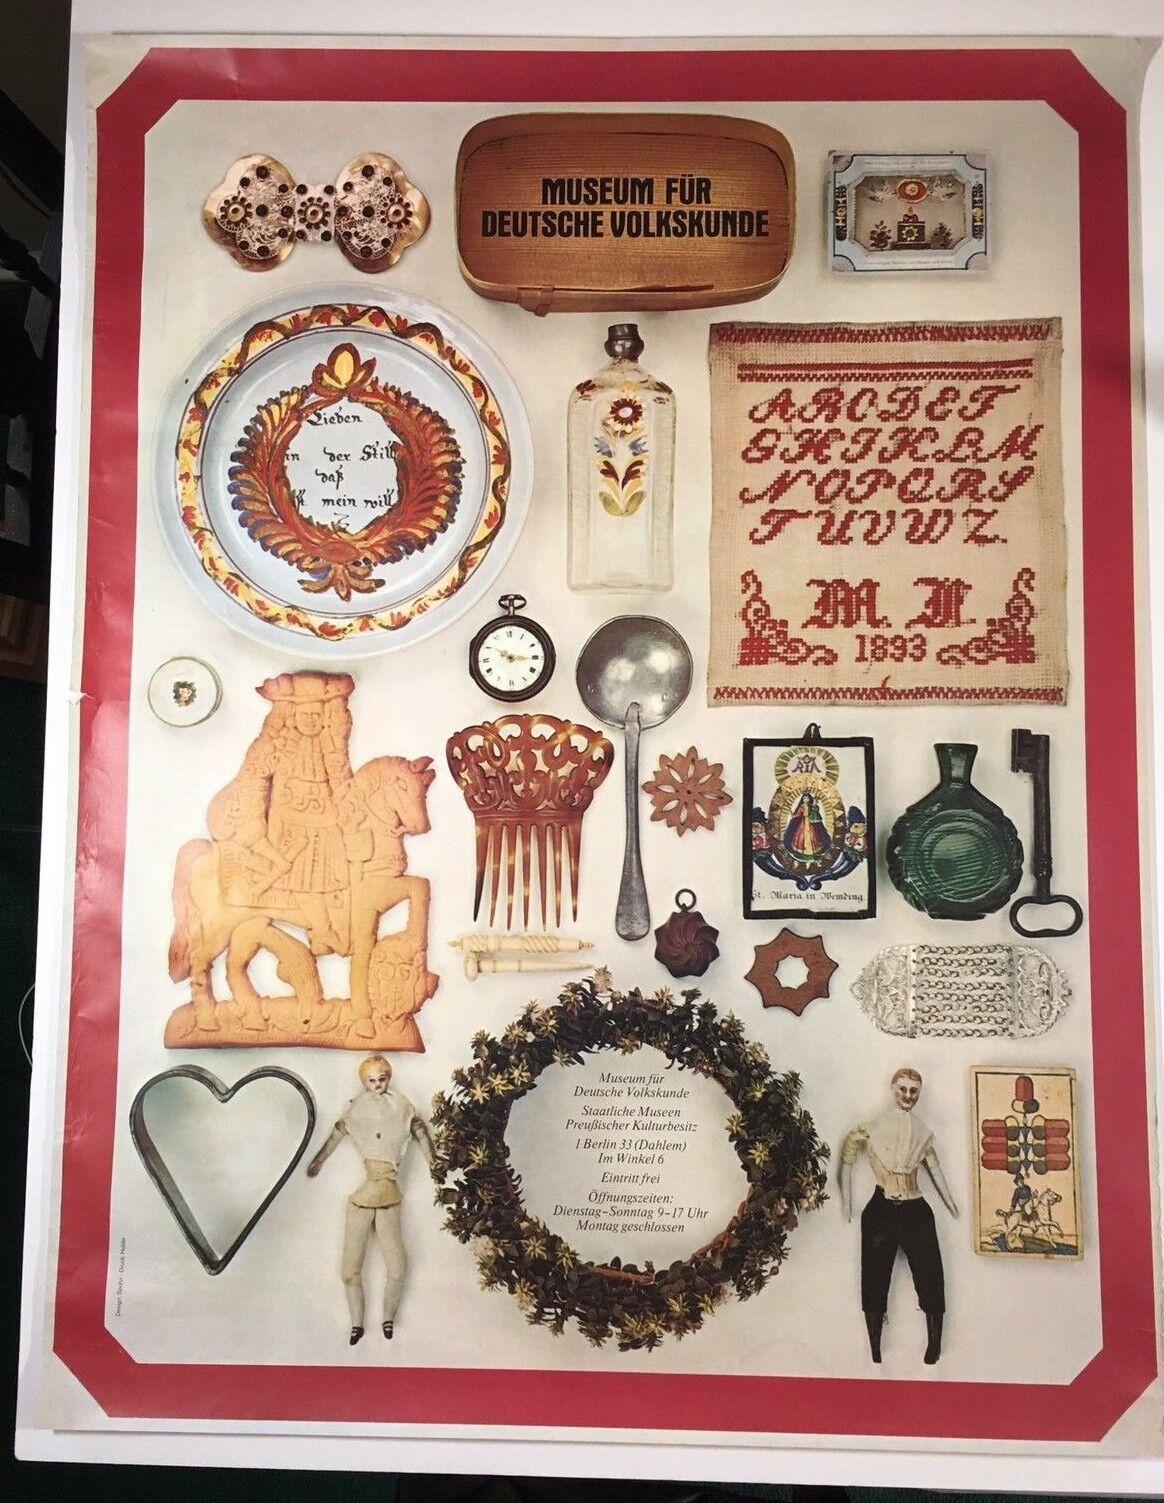 Museum Fur Deutsche Volkskunde Poster Vintage 1977 43 x 33  Design Spohn